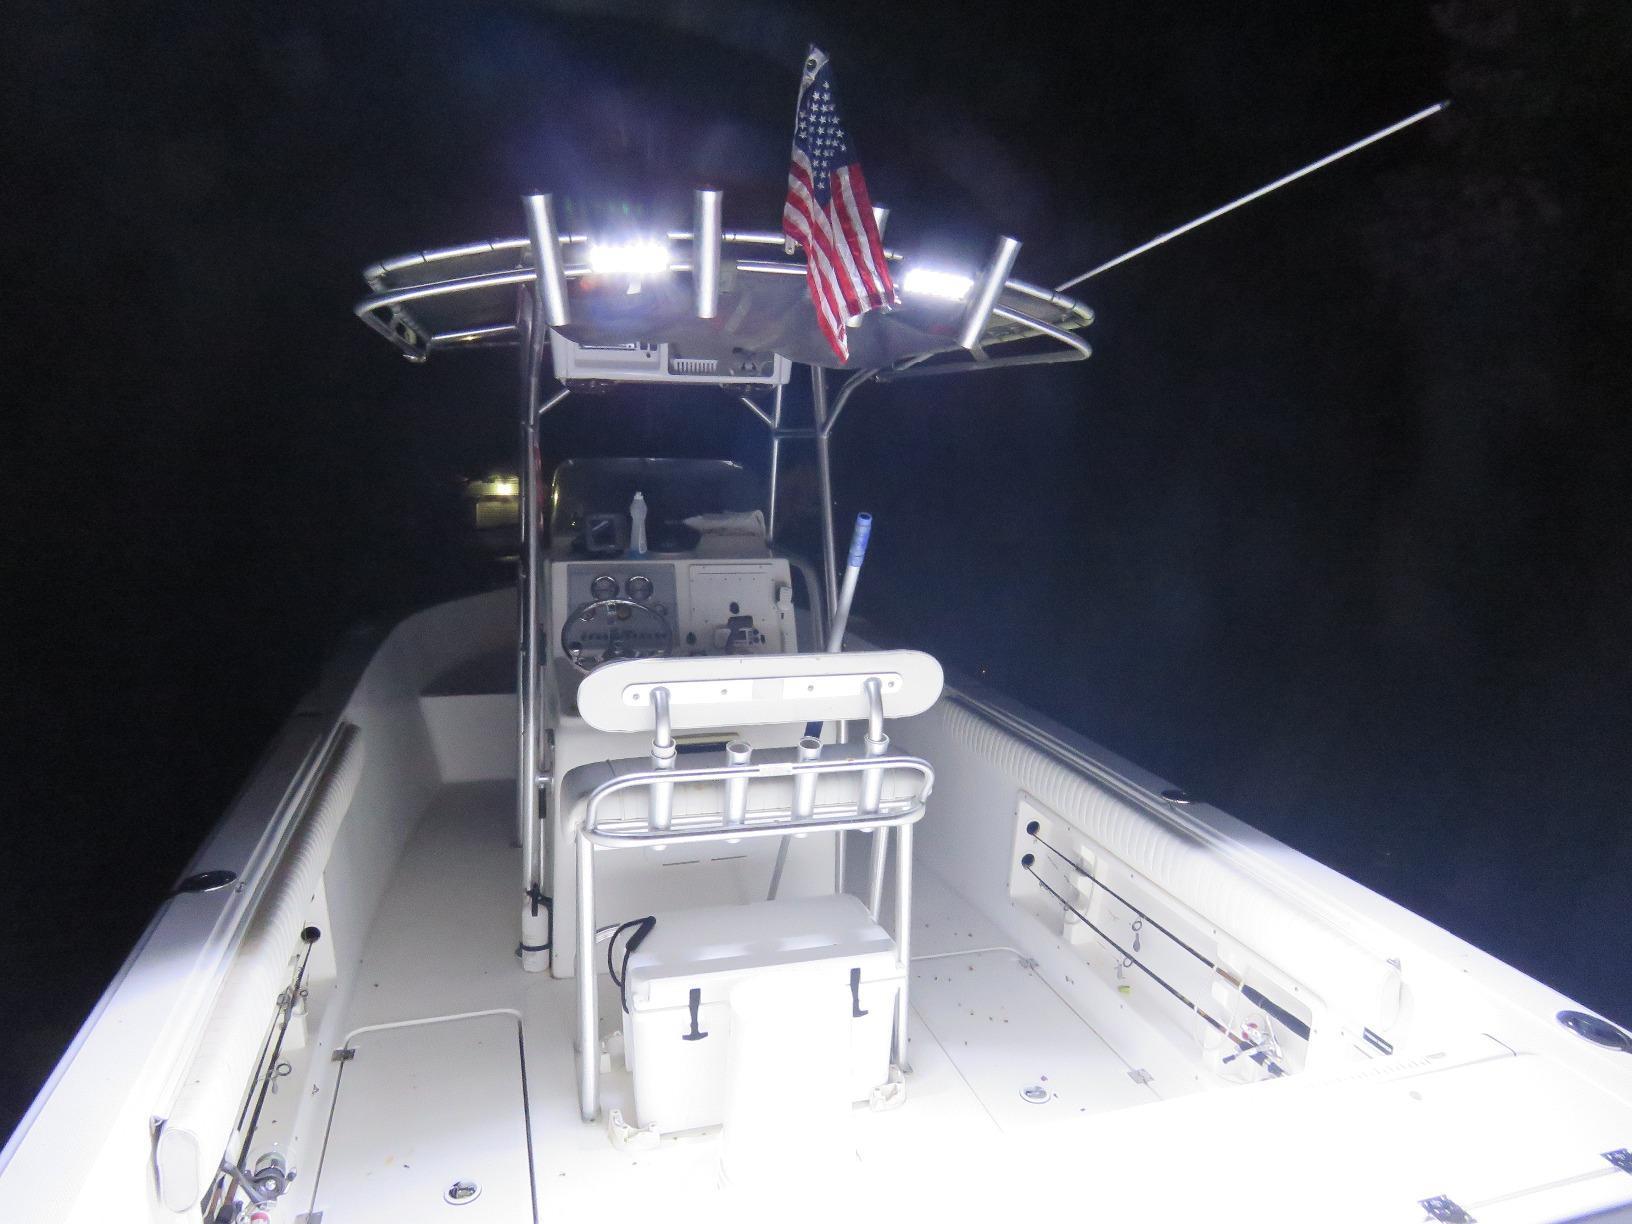 light bars, led light bar, offroad led light bars, headlight replacement, halogen lamp, boat light, marine lighting